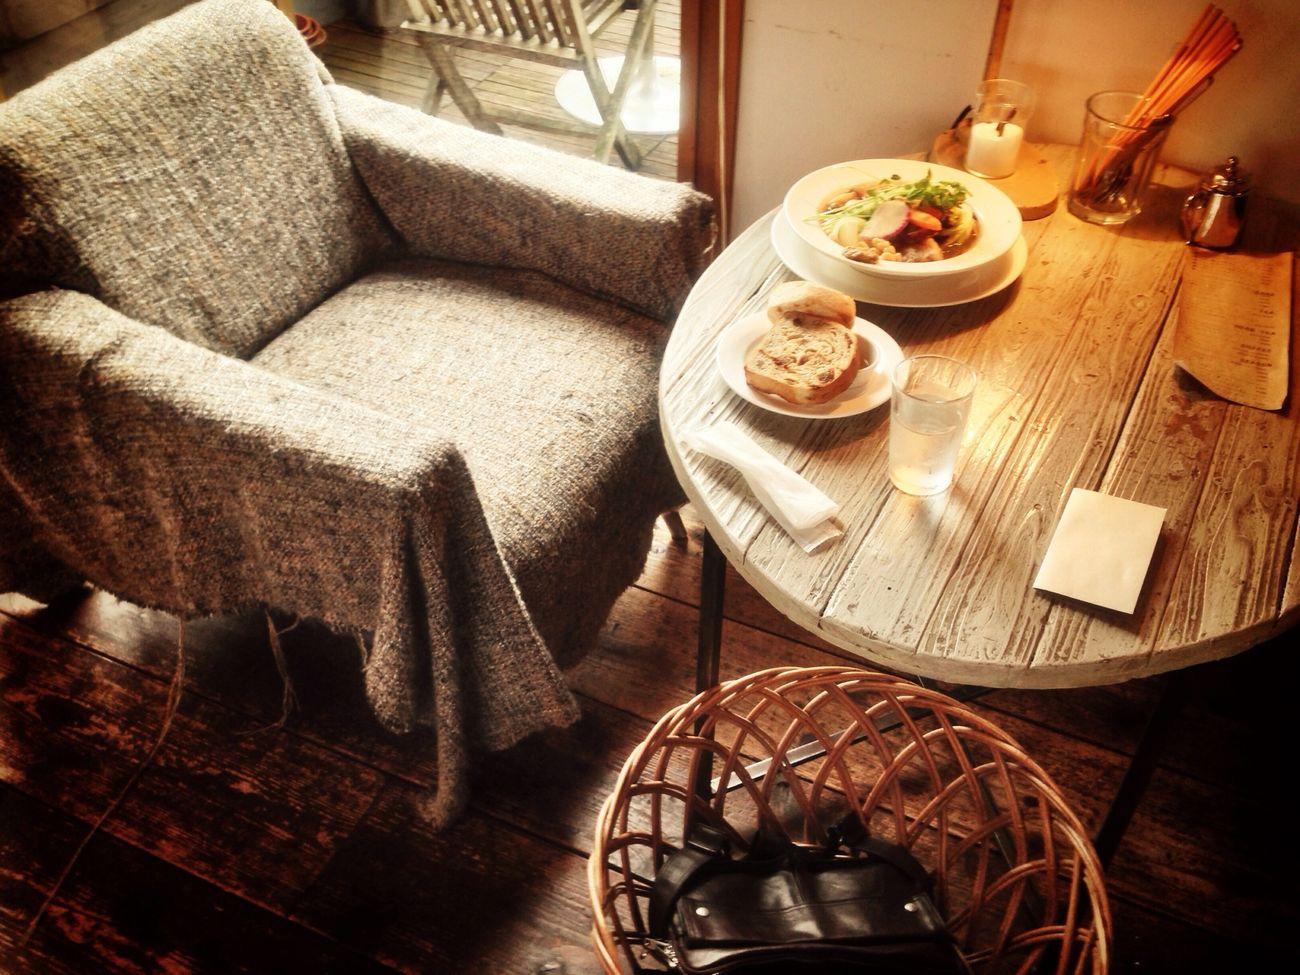 Lunch Cafe Pot-au-feu